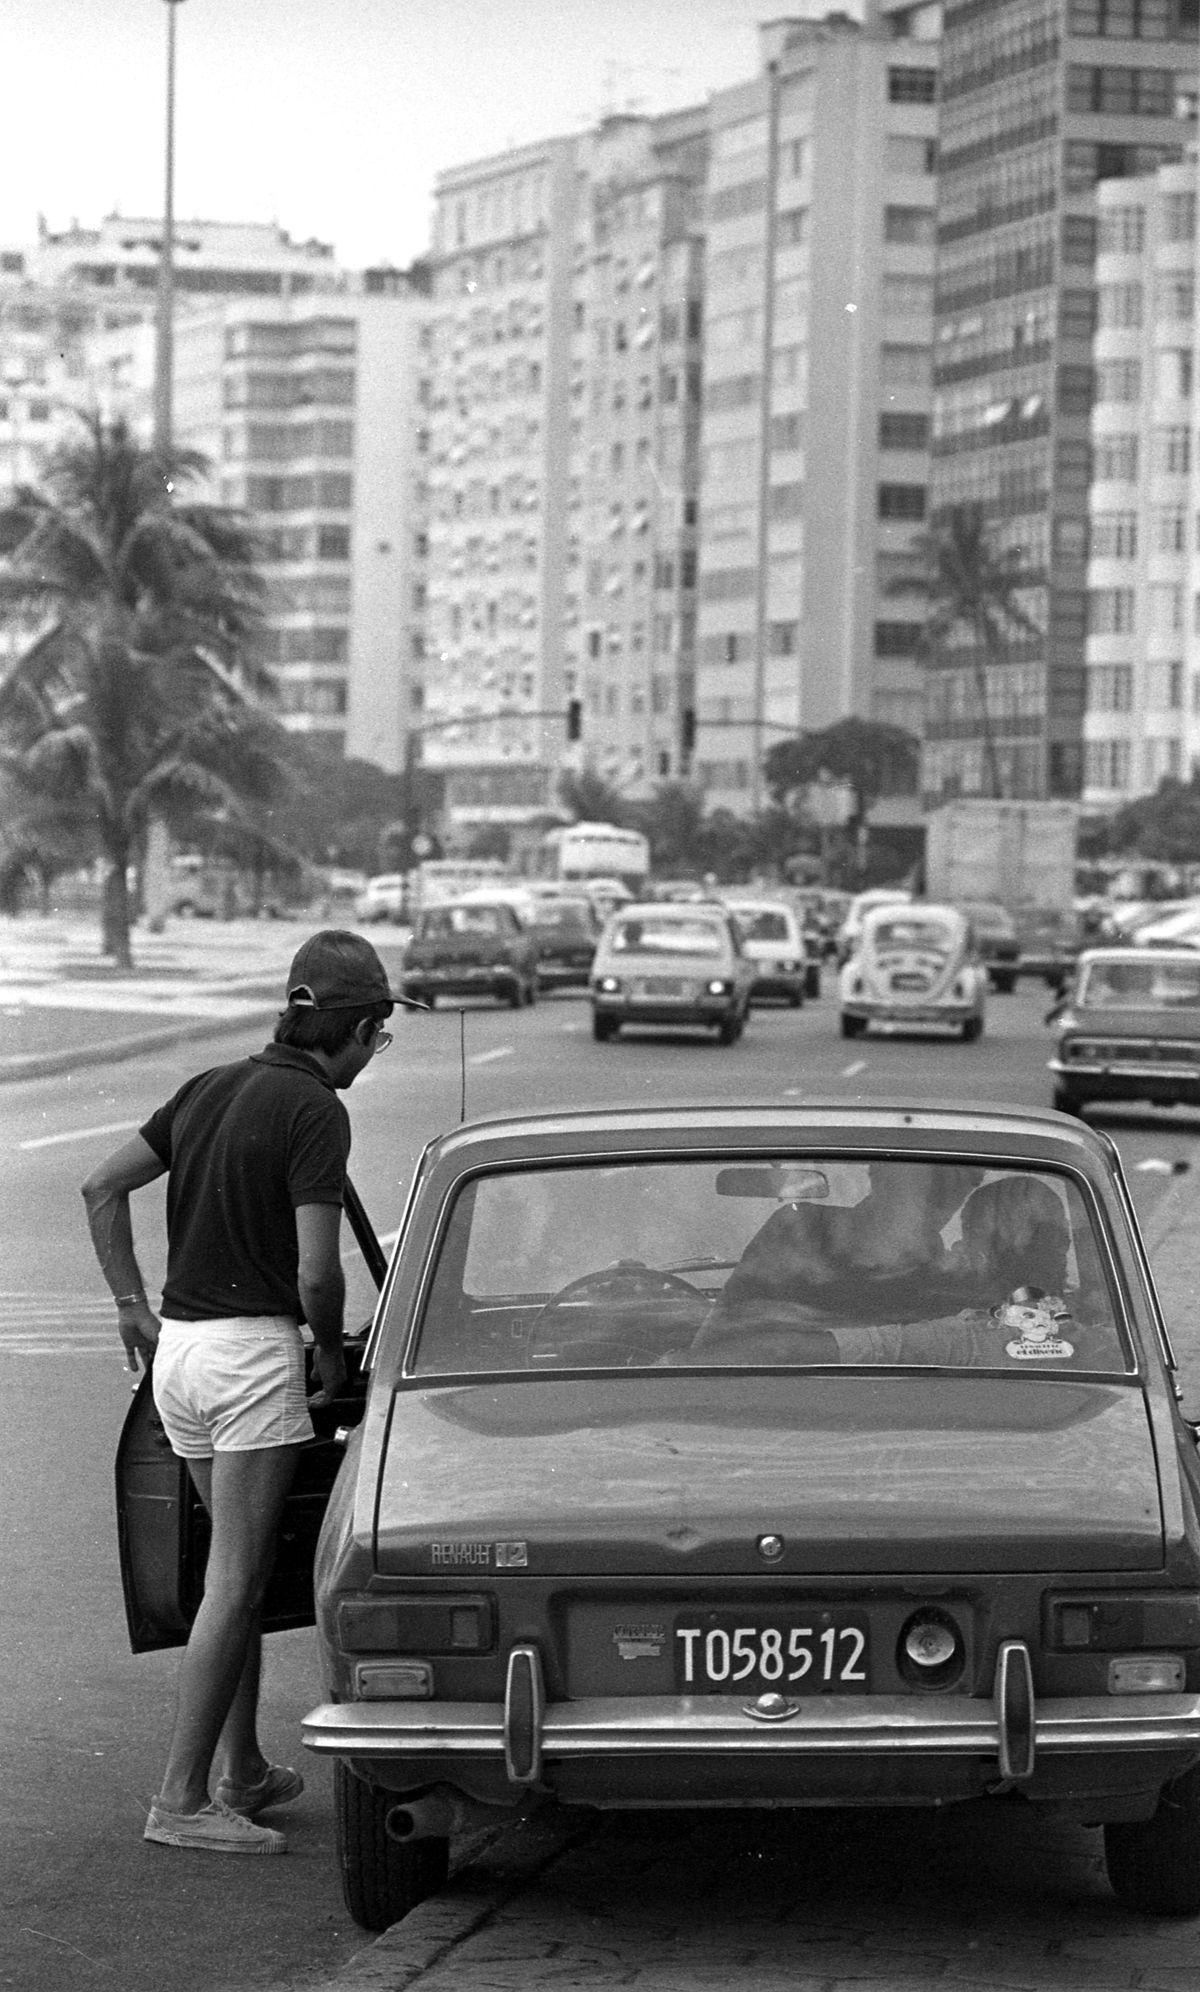 Rio de Janeiro (RJ) - 27/01/1979 - Turismo - RJ - Turista - Carro de turista argentino na Avenida Atl‰ntica, Praia de Copacabana - Logradouro Copacabana - Ve'culo - autom—vel - Foto Ricardo Beliel / Agncia O Globo - Negativo: 79-1227